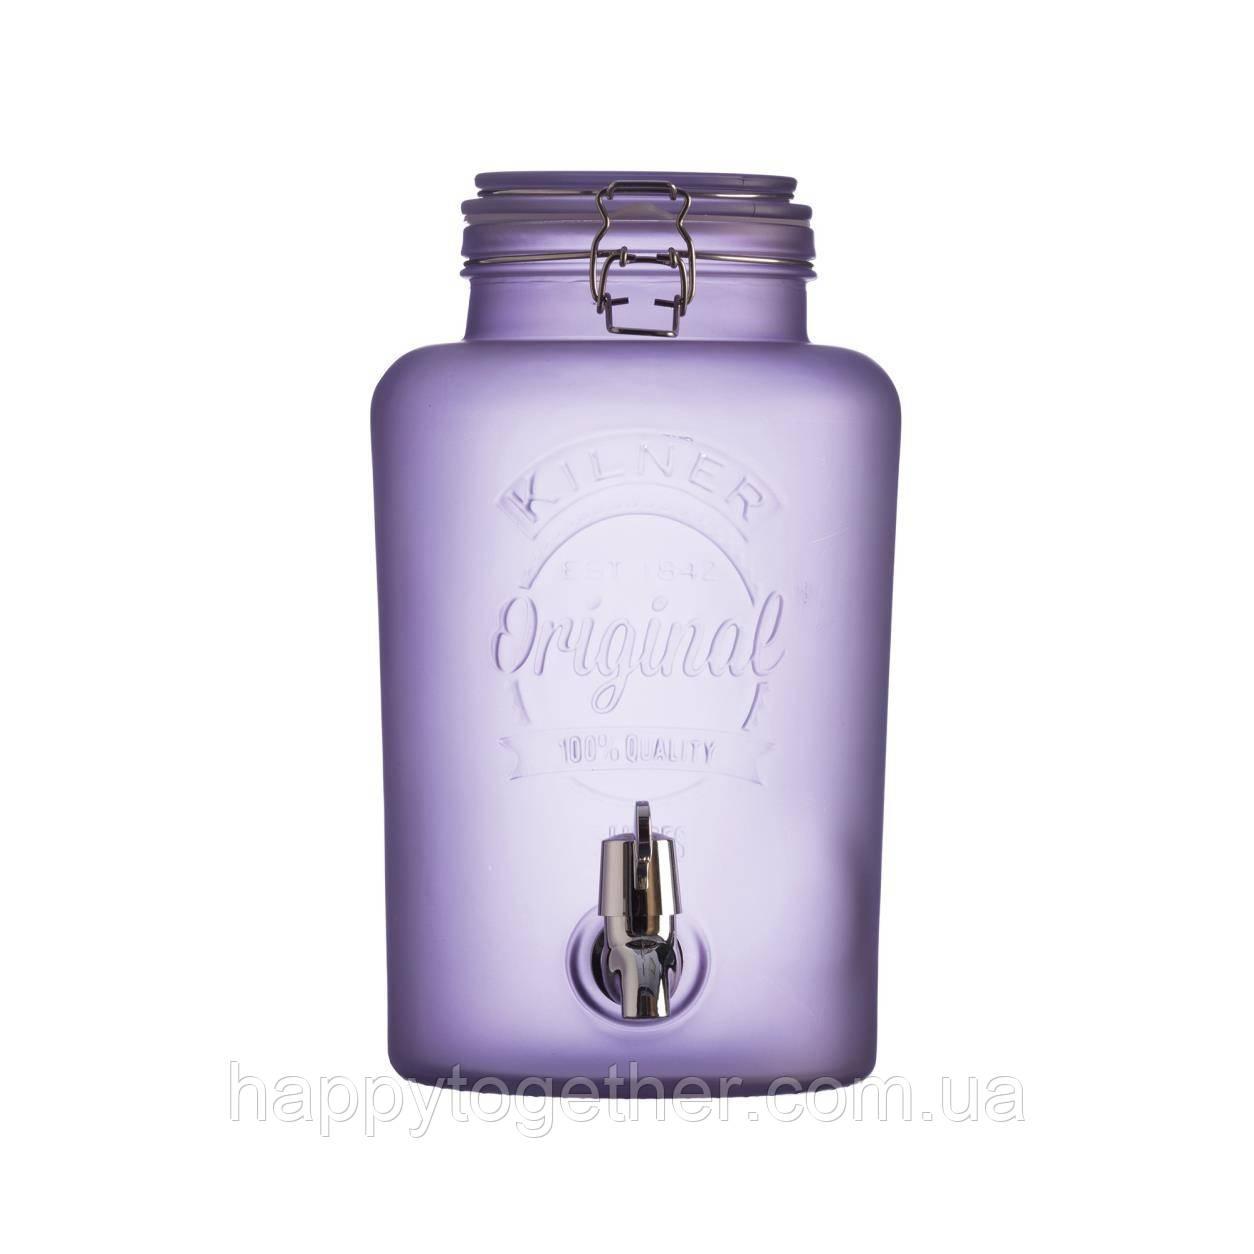 Лимонадницы для Кенди баров/Диспенсор KILNERJAR  фиолетовая 5 литров.